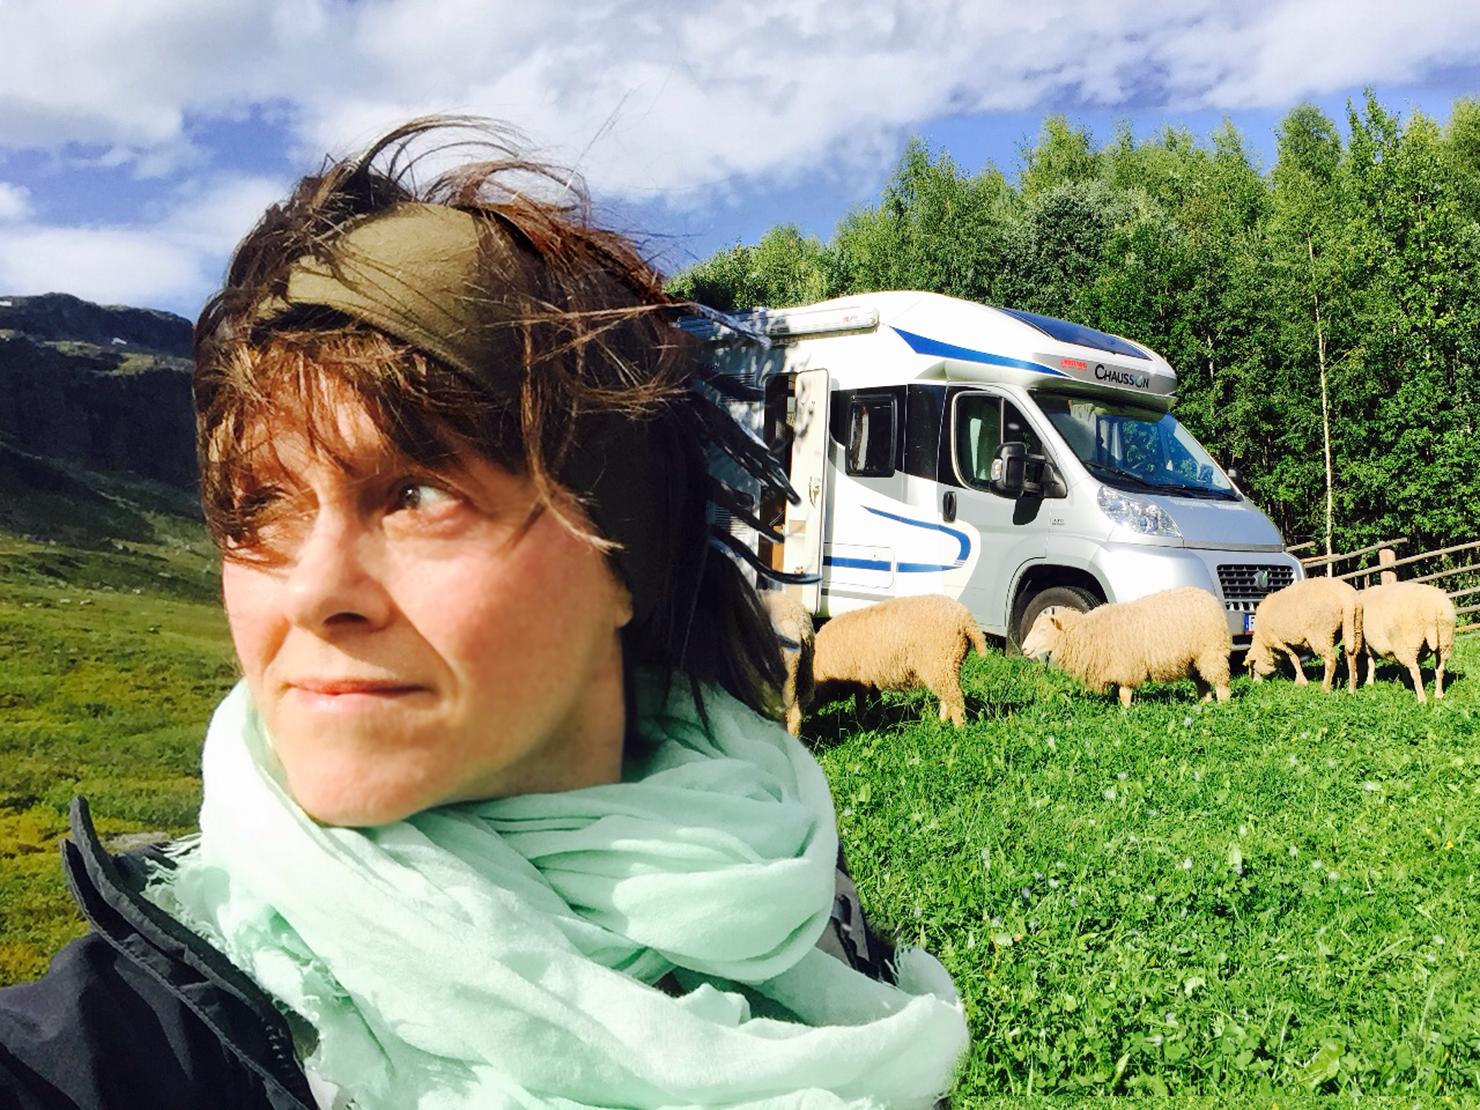 Mobil studio till fjälls med betande får runt husbilen